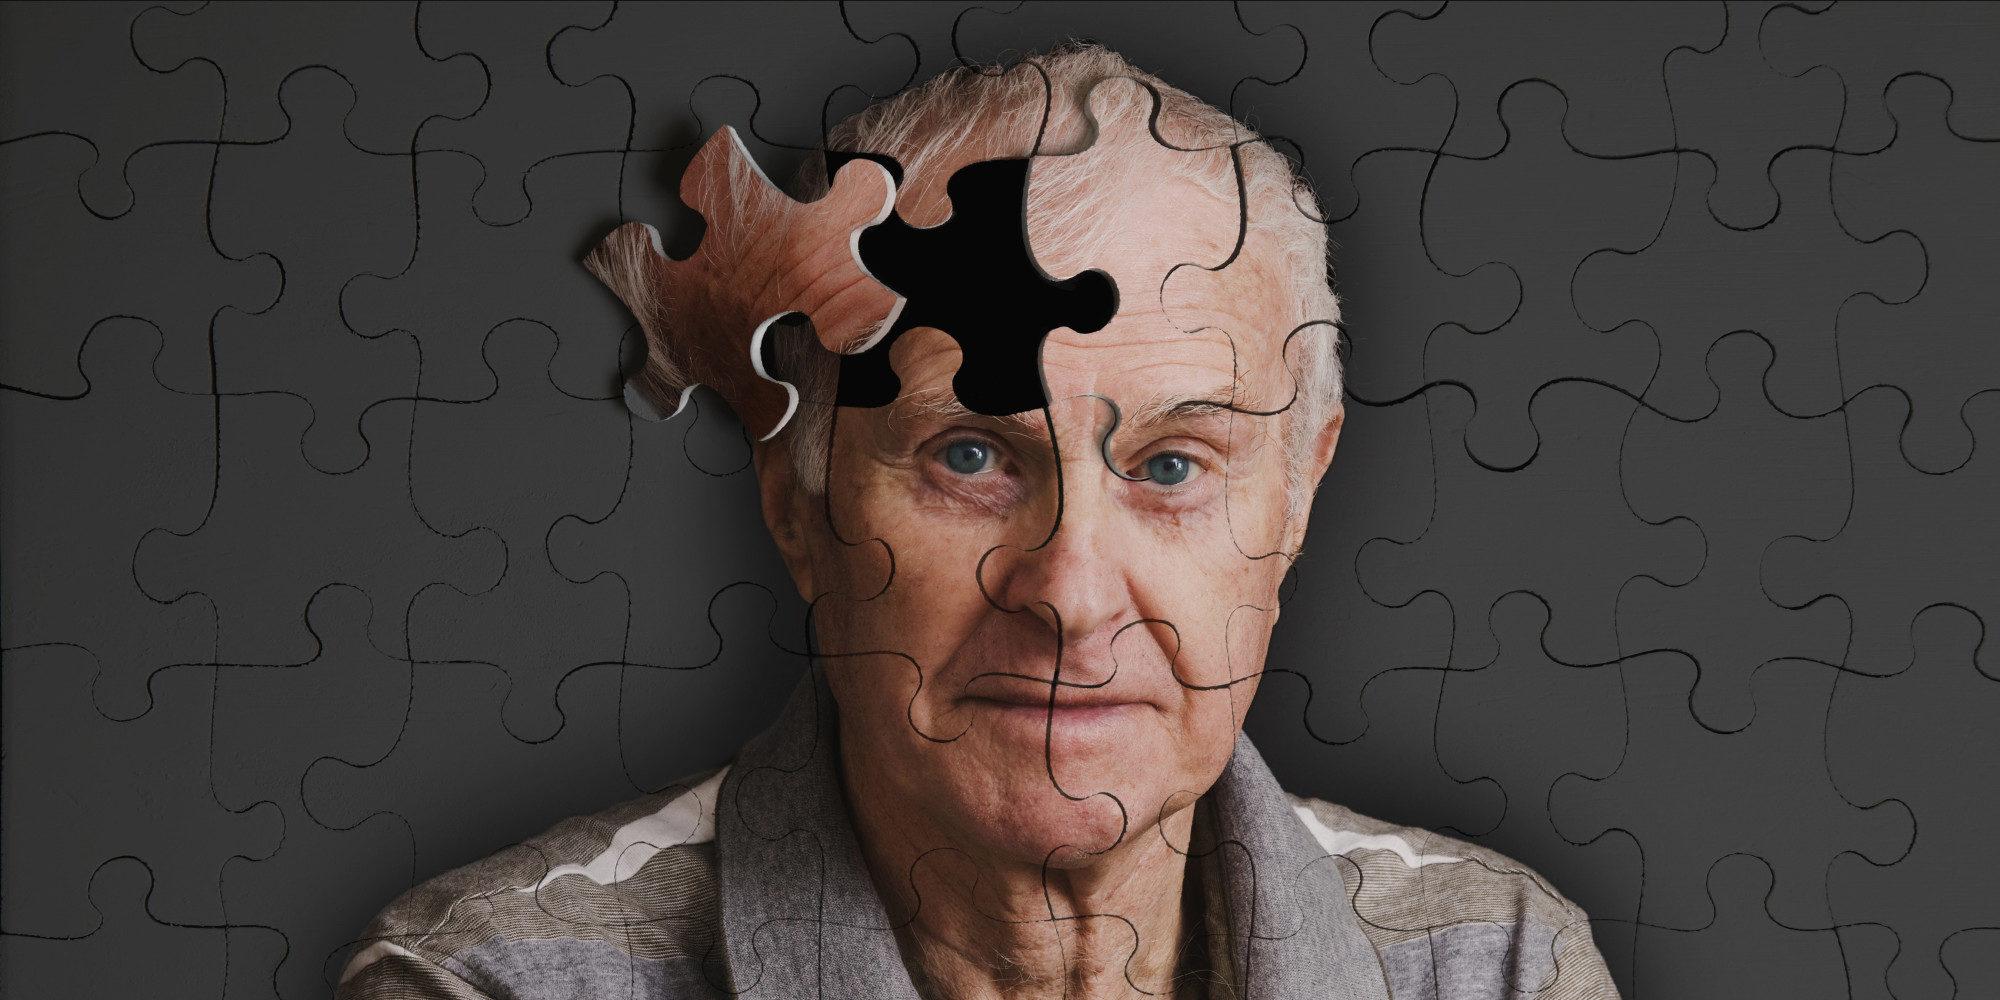 пол играет роль в возникновении Альцгеймера